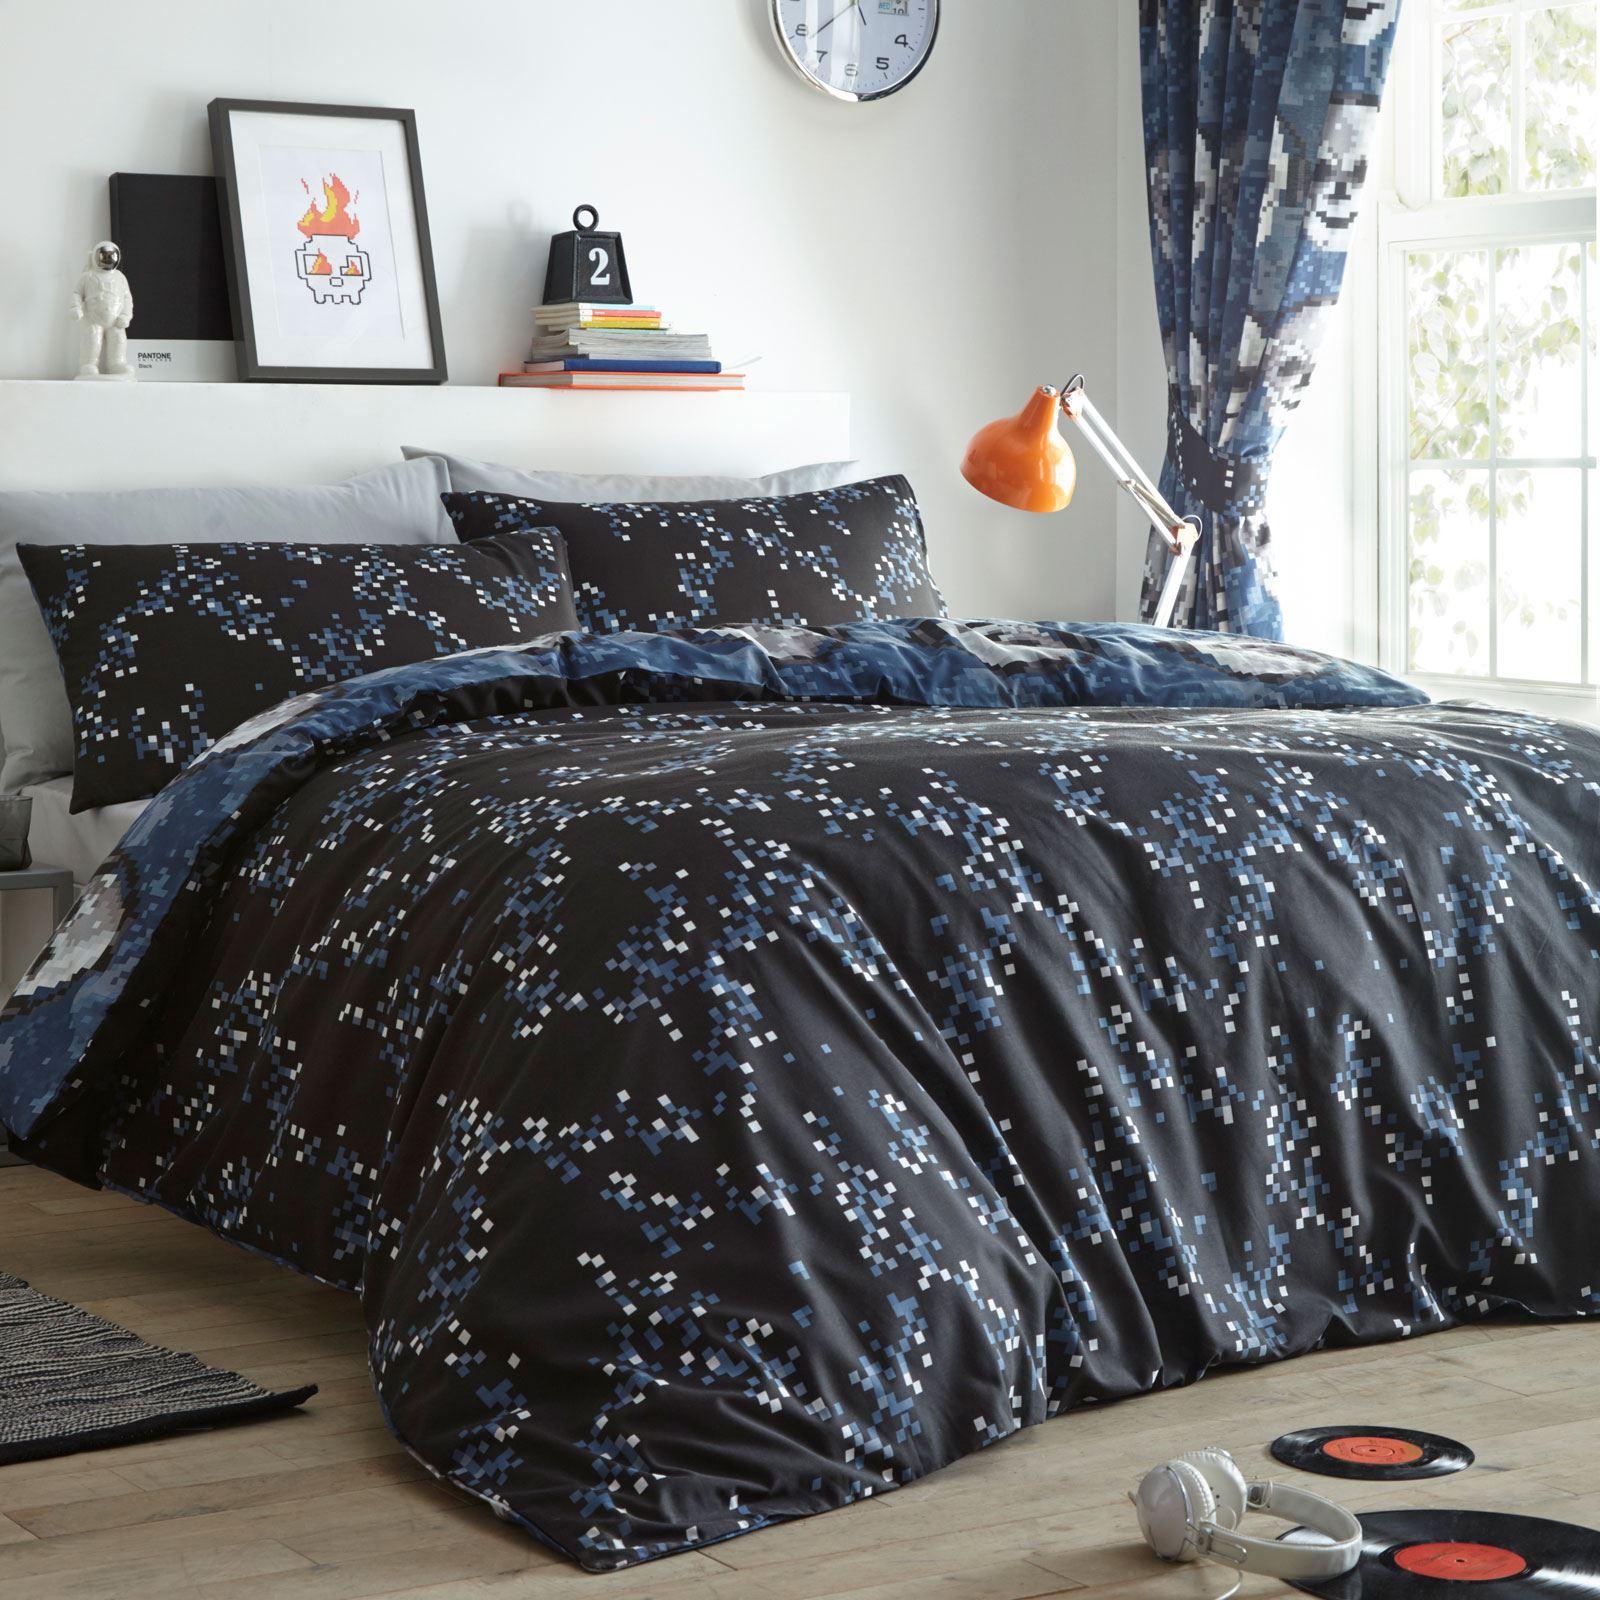 Full Size of Bettwschegarnituren Pixel Totenschdel Einzelbett Bettbezug Und Teenager Betten Für Bettwäsche Sprüche Wohnzimmer Bettwäsche Teenager